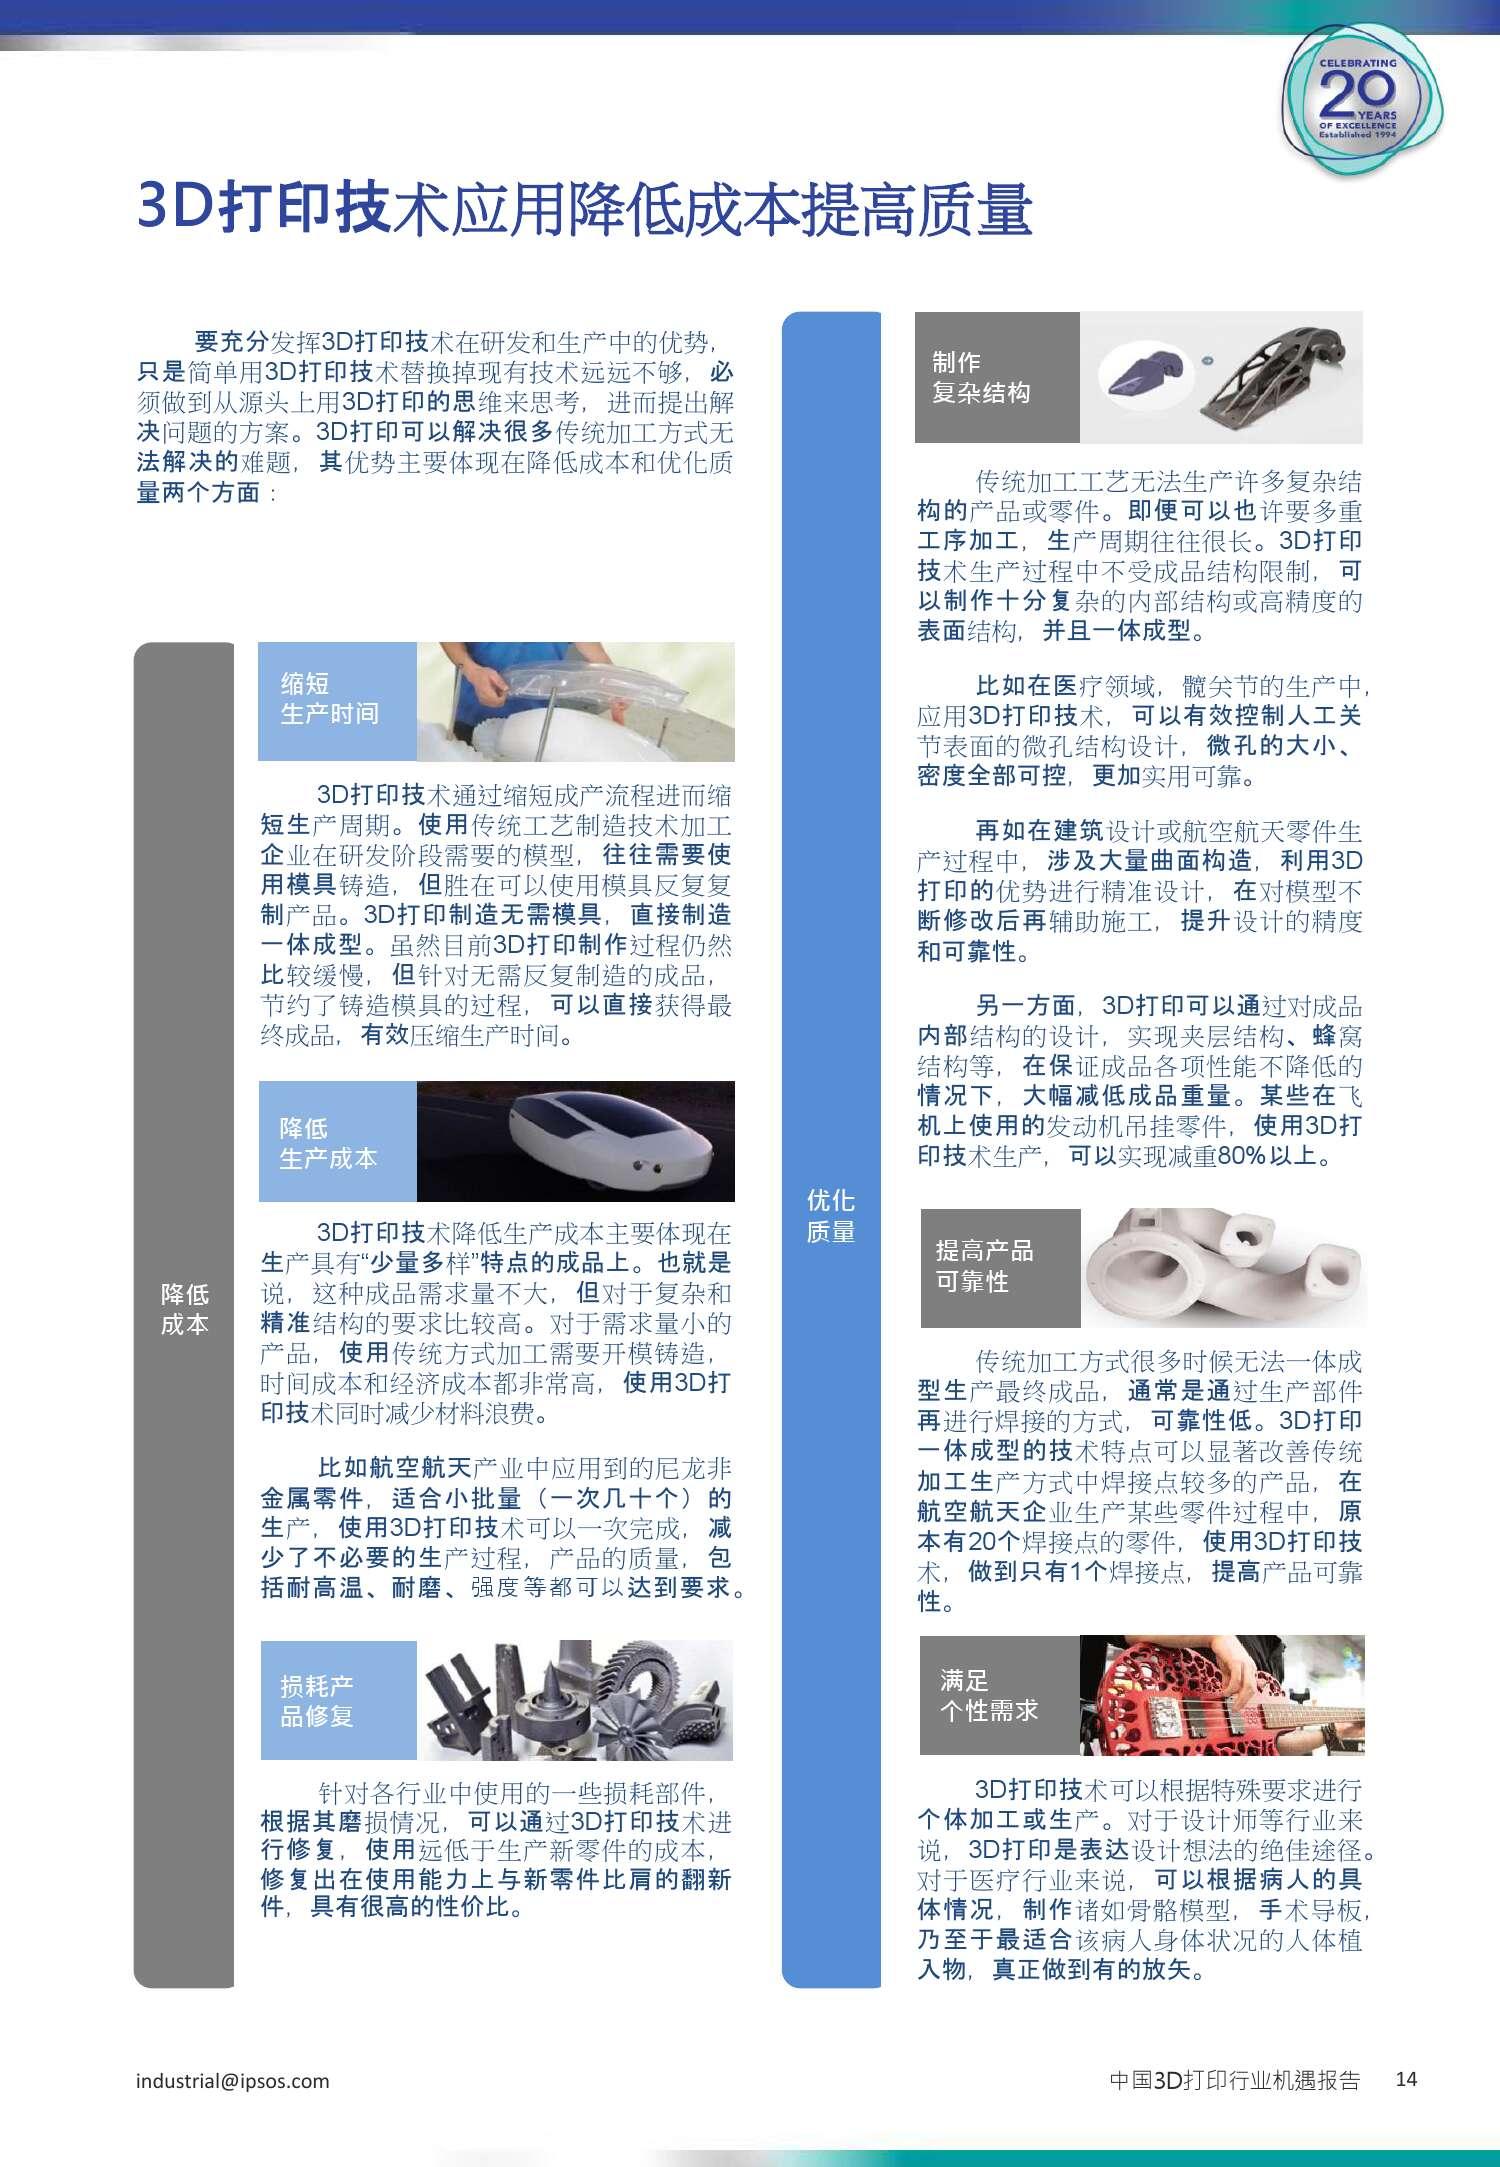 3D打印行业机遇报告_000014